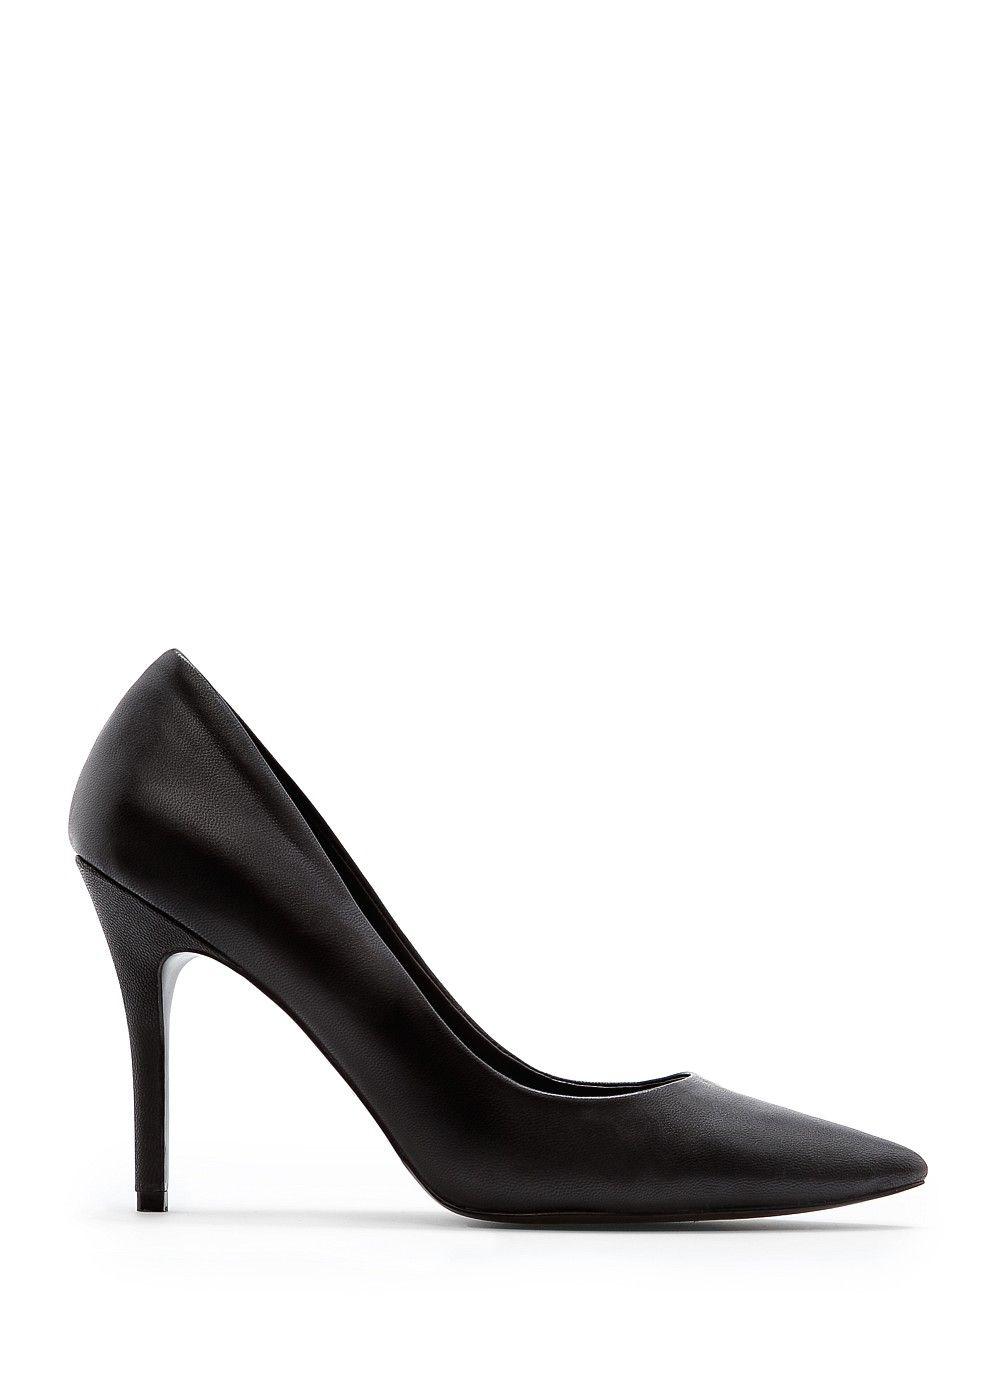 Leather stilettos - Women | Mango USA